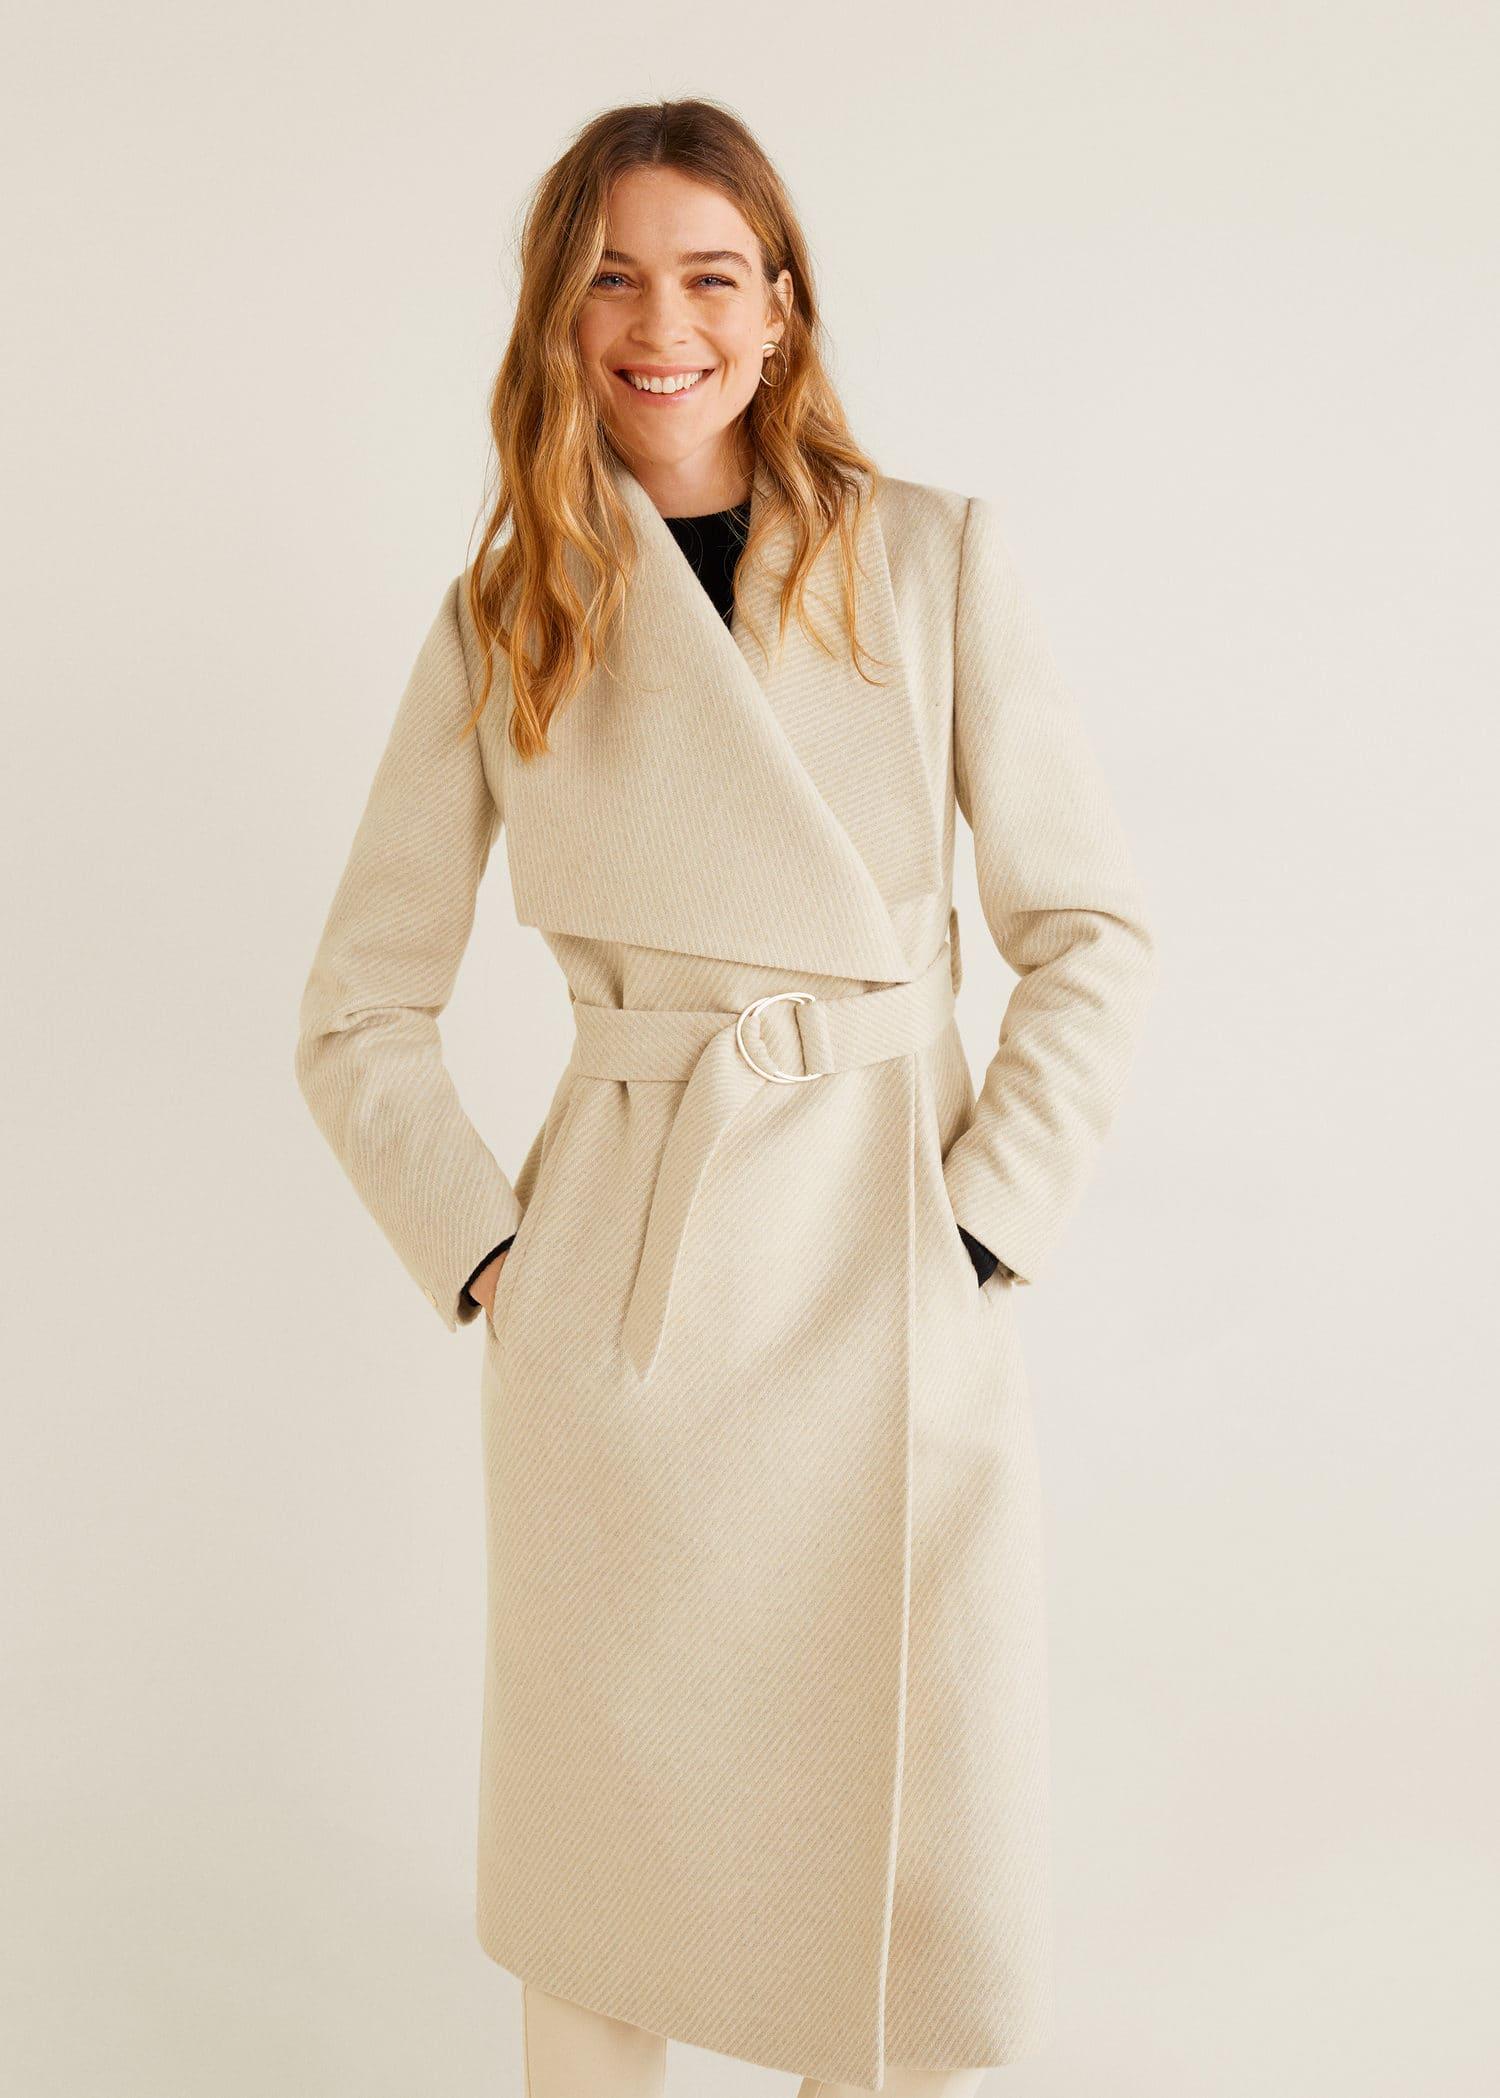 Sobretudo lã maxilapelas Mulher de 2020 | Casacos para